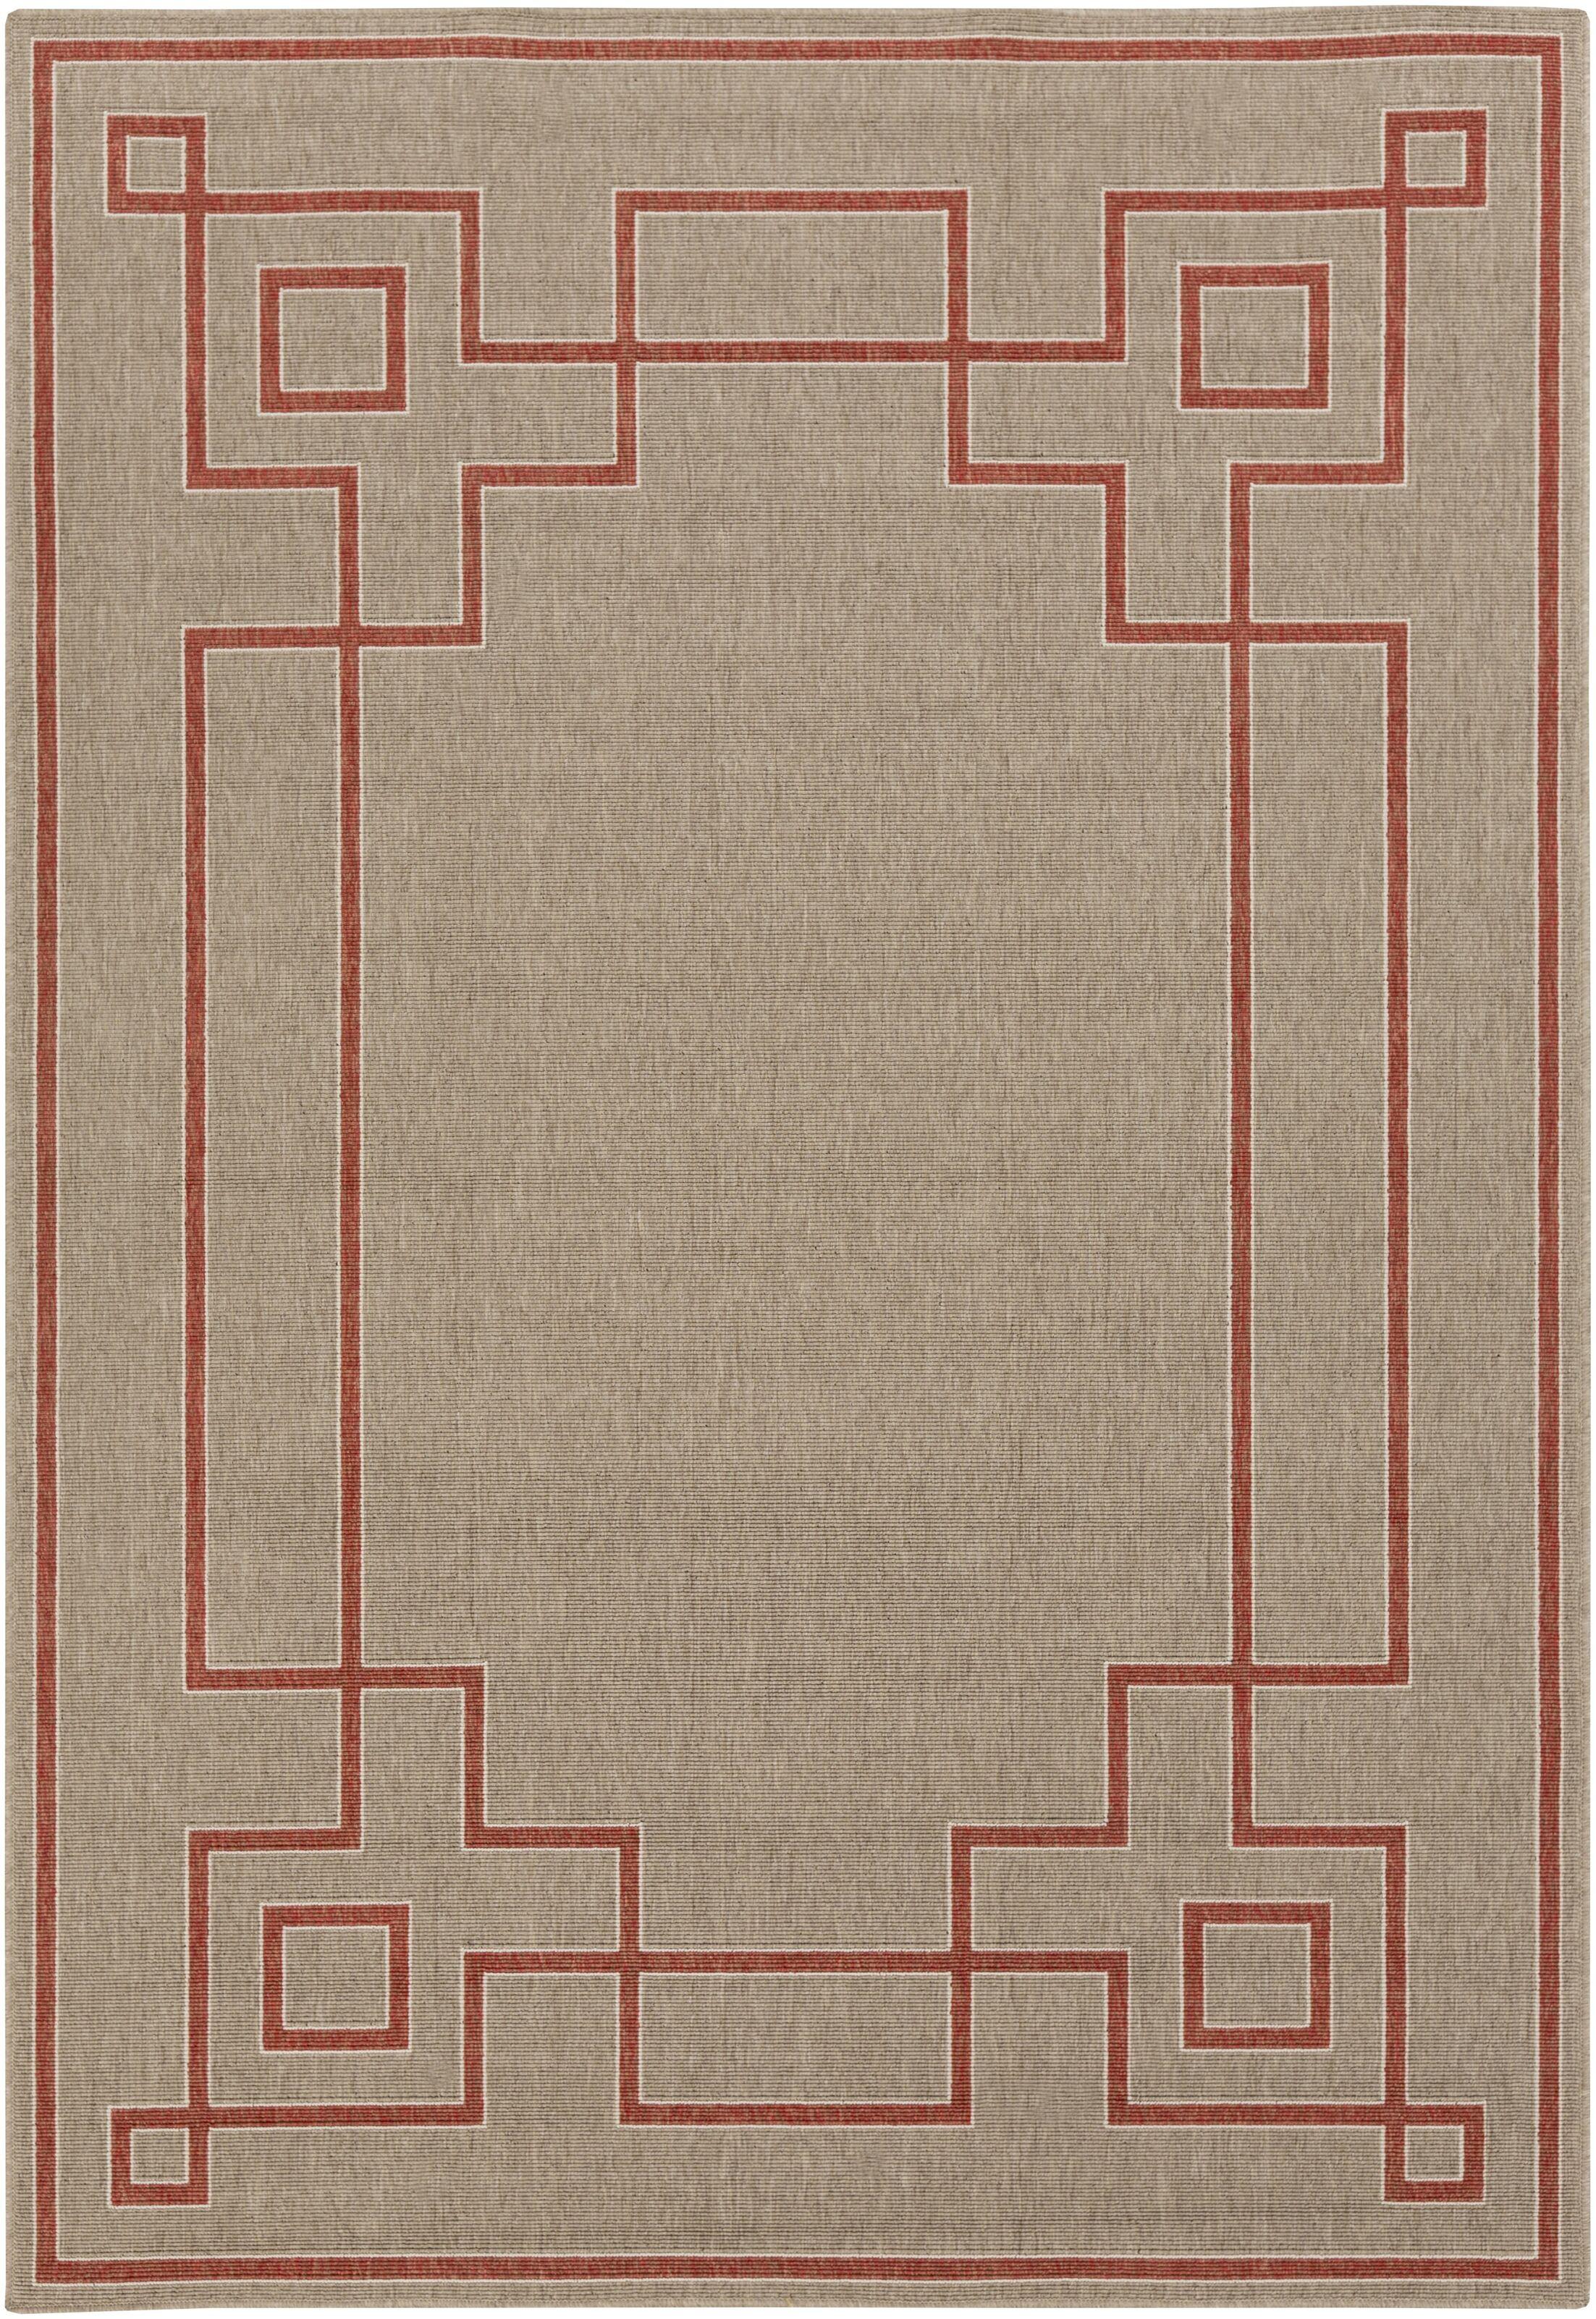 Harbin Rust Indoor/Outdoor Area Rug Rug Size: Rectangle 6' x 9'